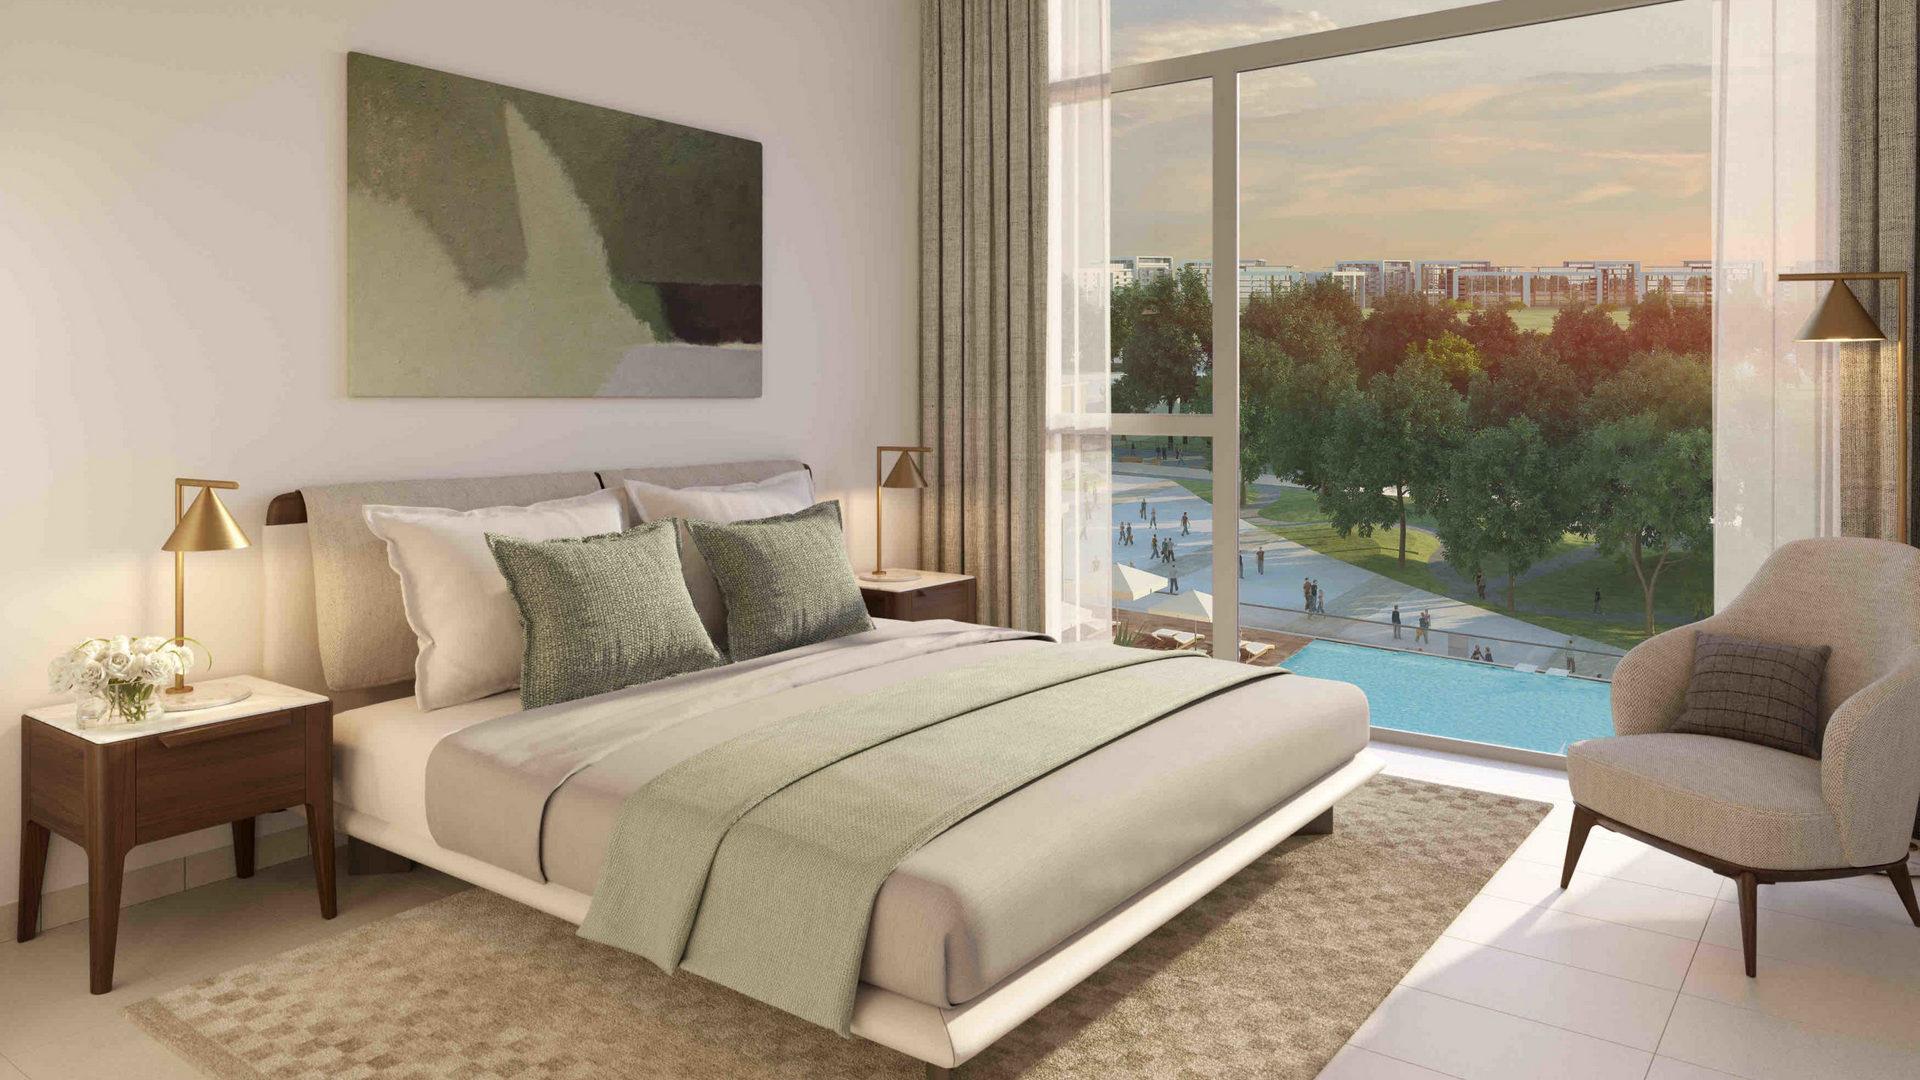 Apartment for sale in Dubai, UAE, 2 bedrooms, 93 m2, No. 24270 – photo 5